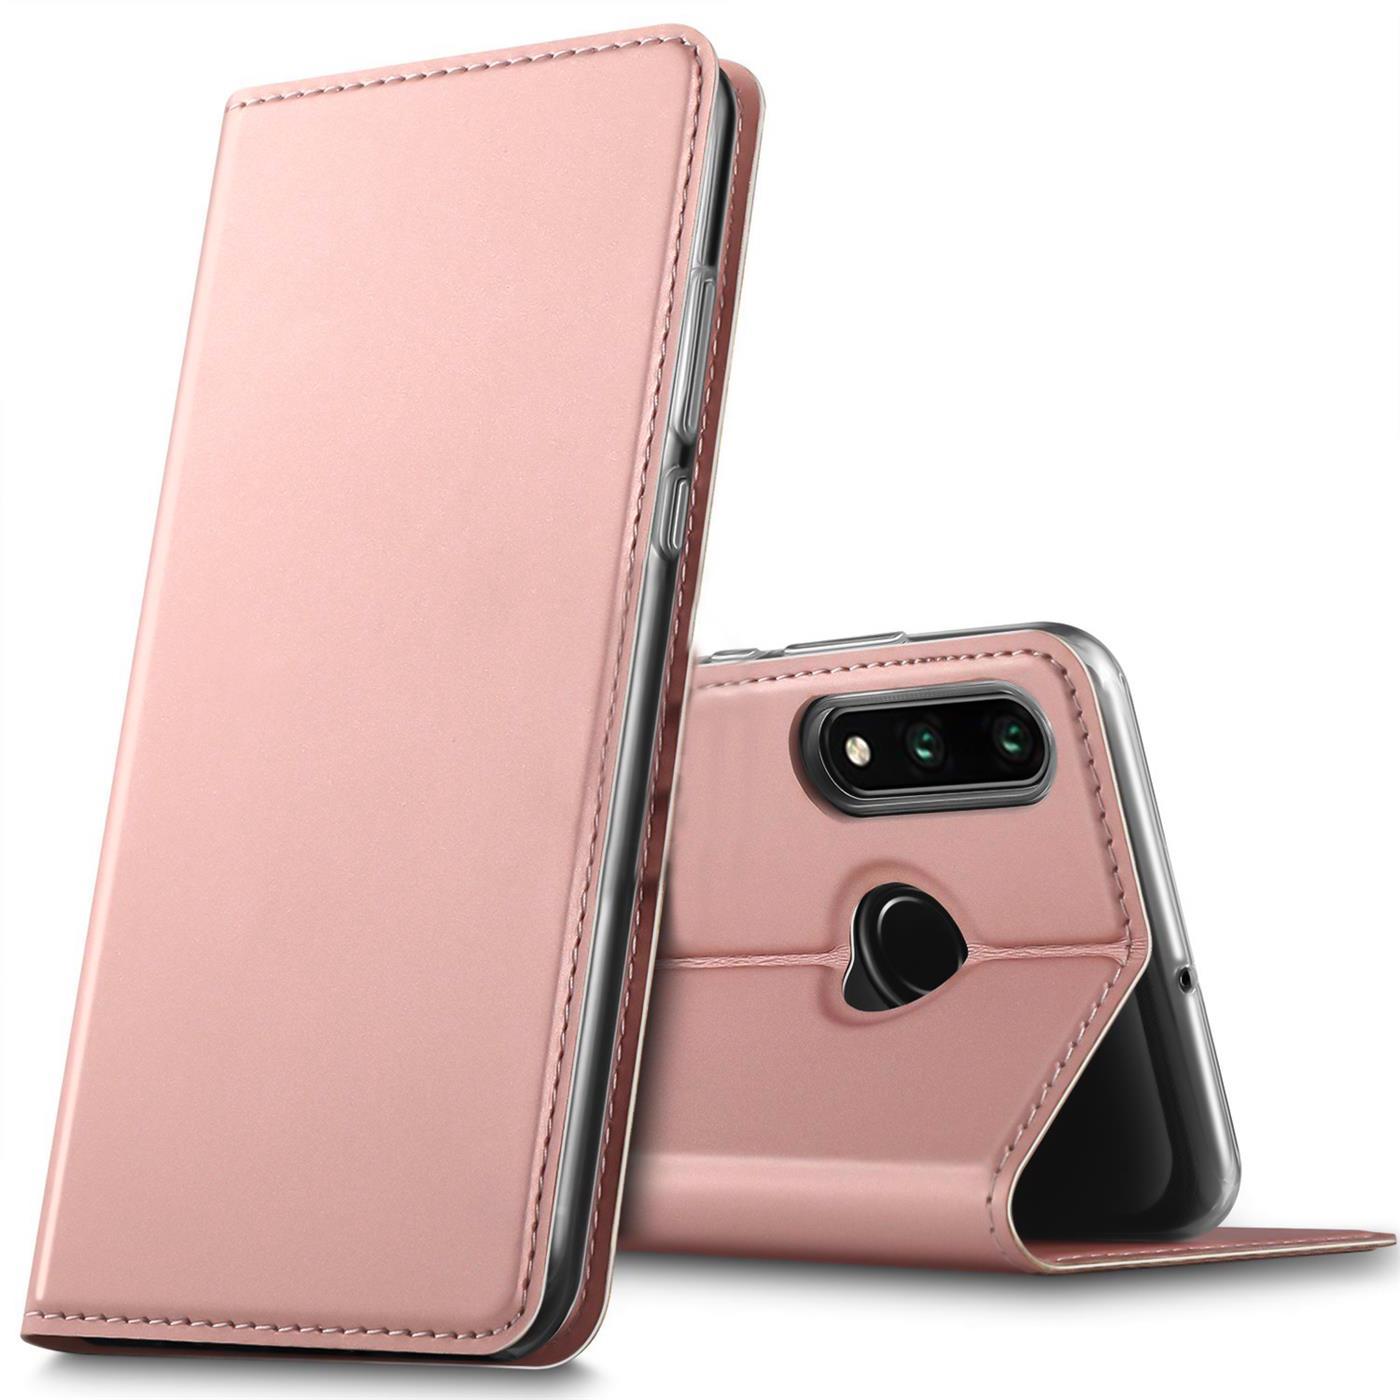 Huawei-P30-Lite-Schutz-Huelle-Handy-Tasche-Flip-Case-Book-Cover-Case-Etui-Bumper Indexbild 16